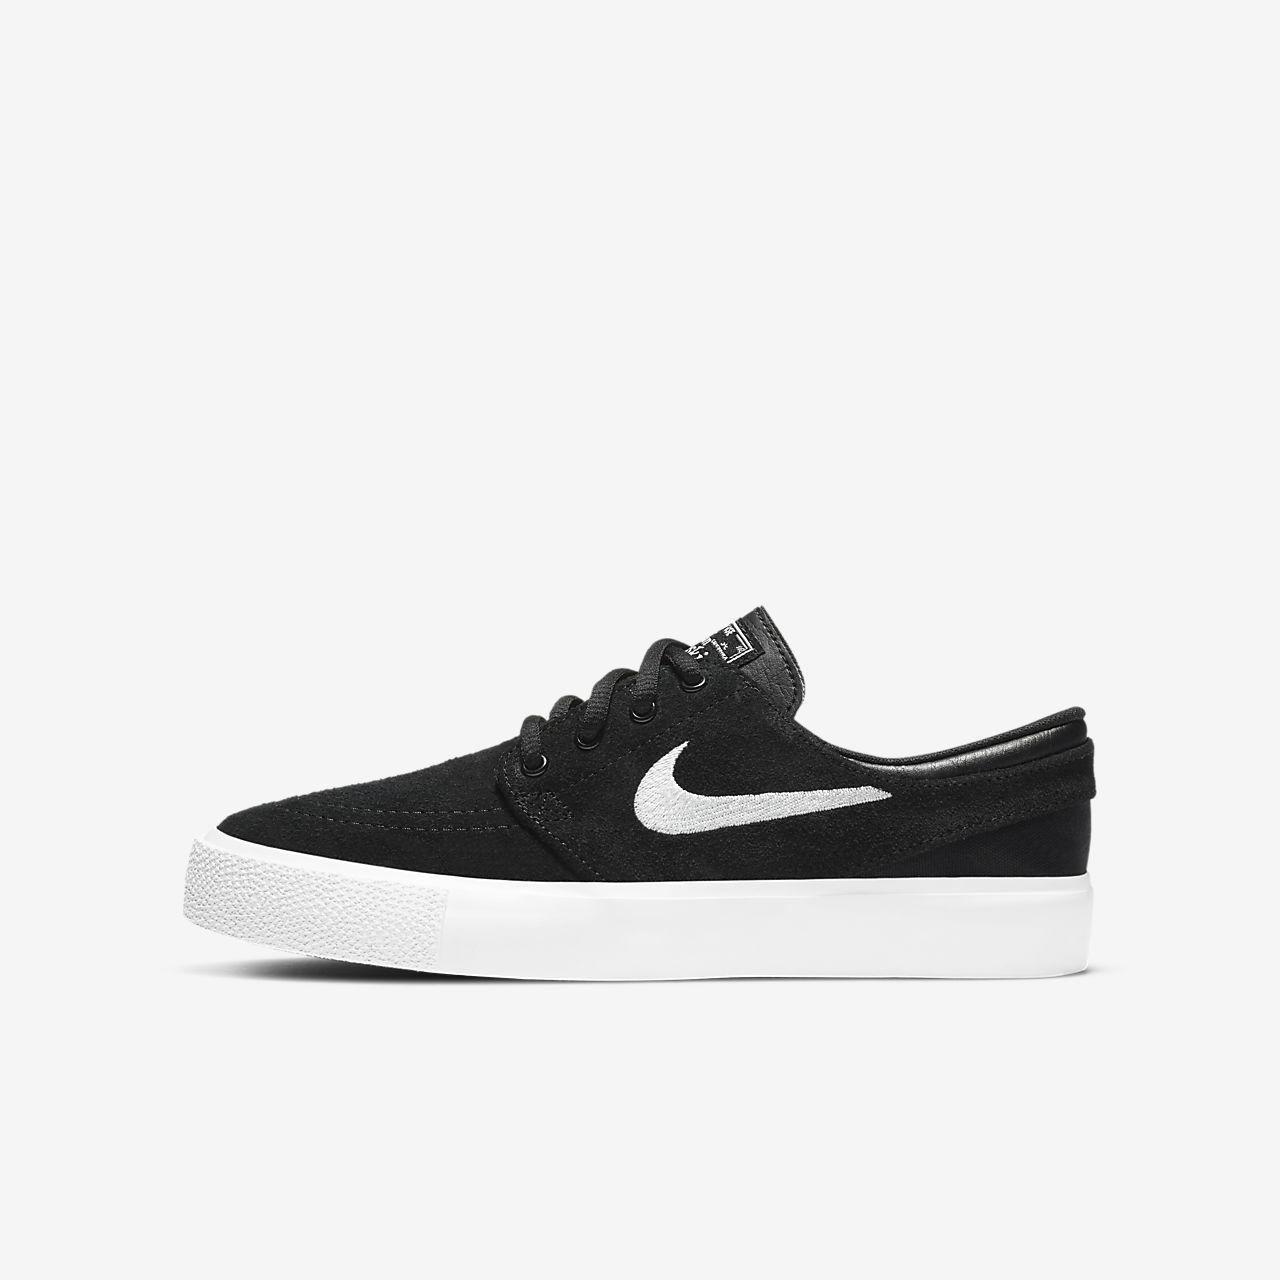 el precio más bajo cb3cd 30343 Nike Zoom Stefan Janoski Zapatillas de skateboard - Niño/a